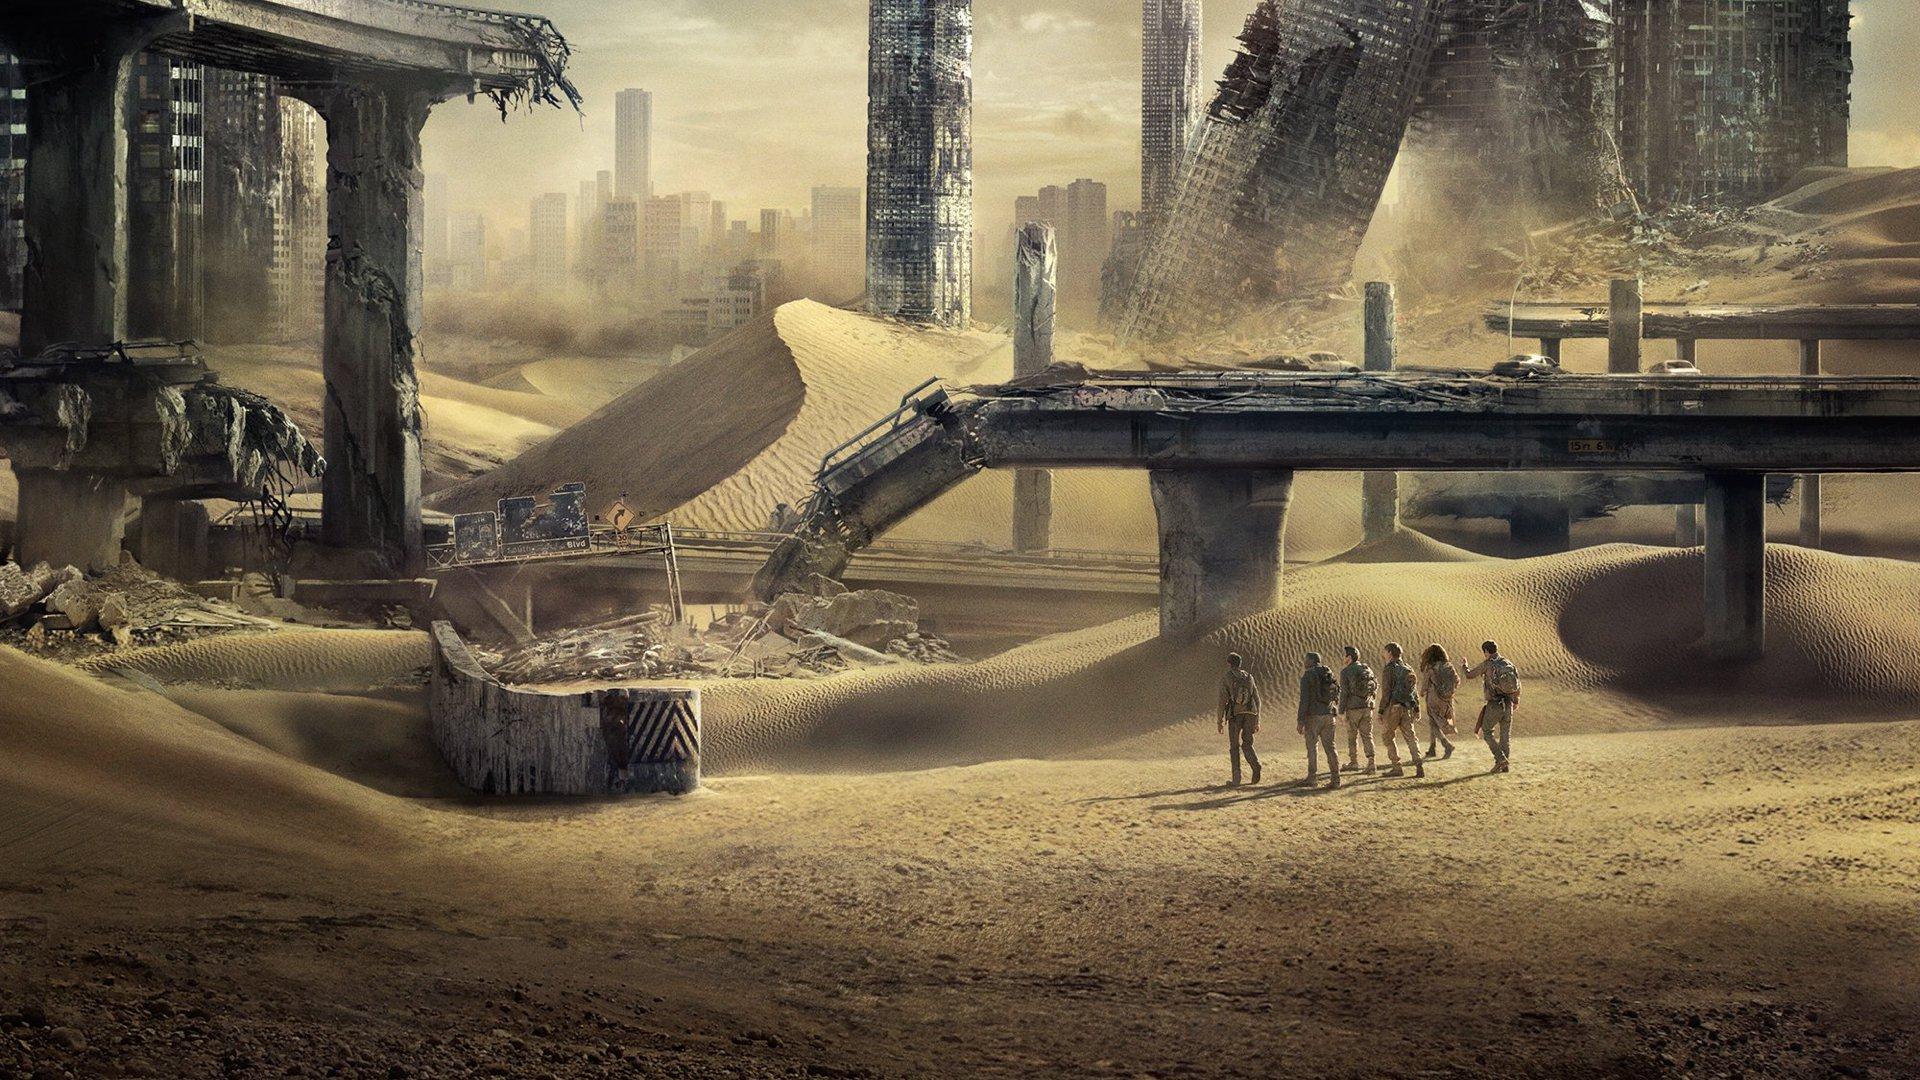 LE LABYRINTHE LA TERRE BRÛLÉE - Image du film 2 Desert - Go with the Blog